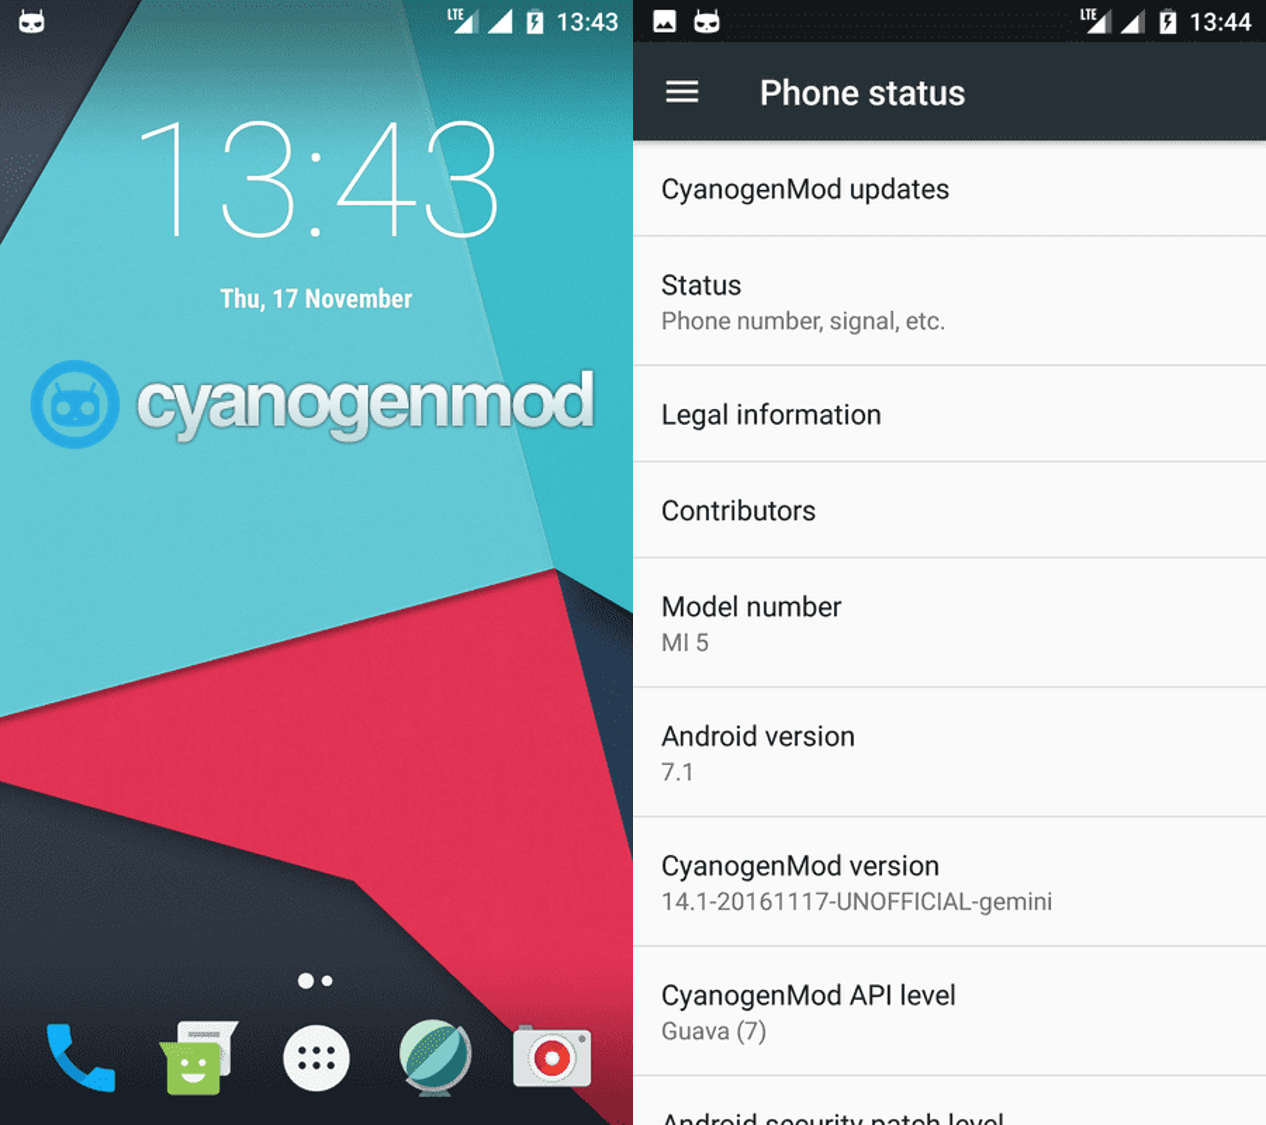 Obtén Android 7.0 en tu Xiaomi Mi 5 con el CyanogenMod 14.1 Imagen destacada